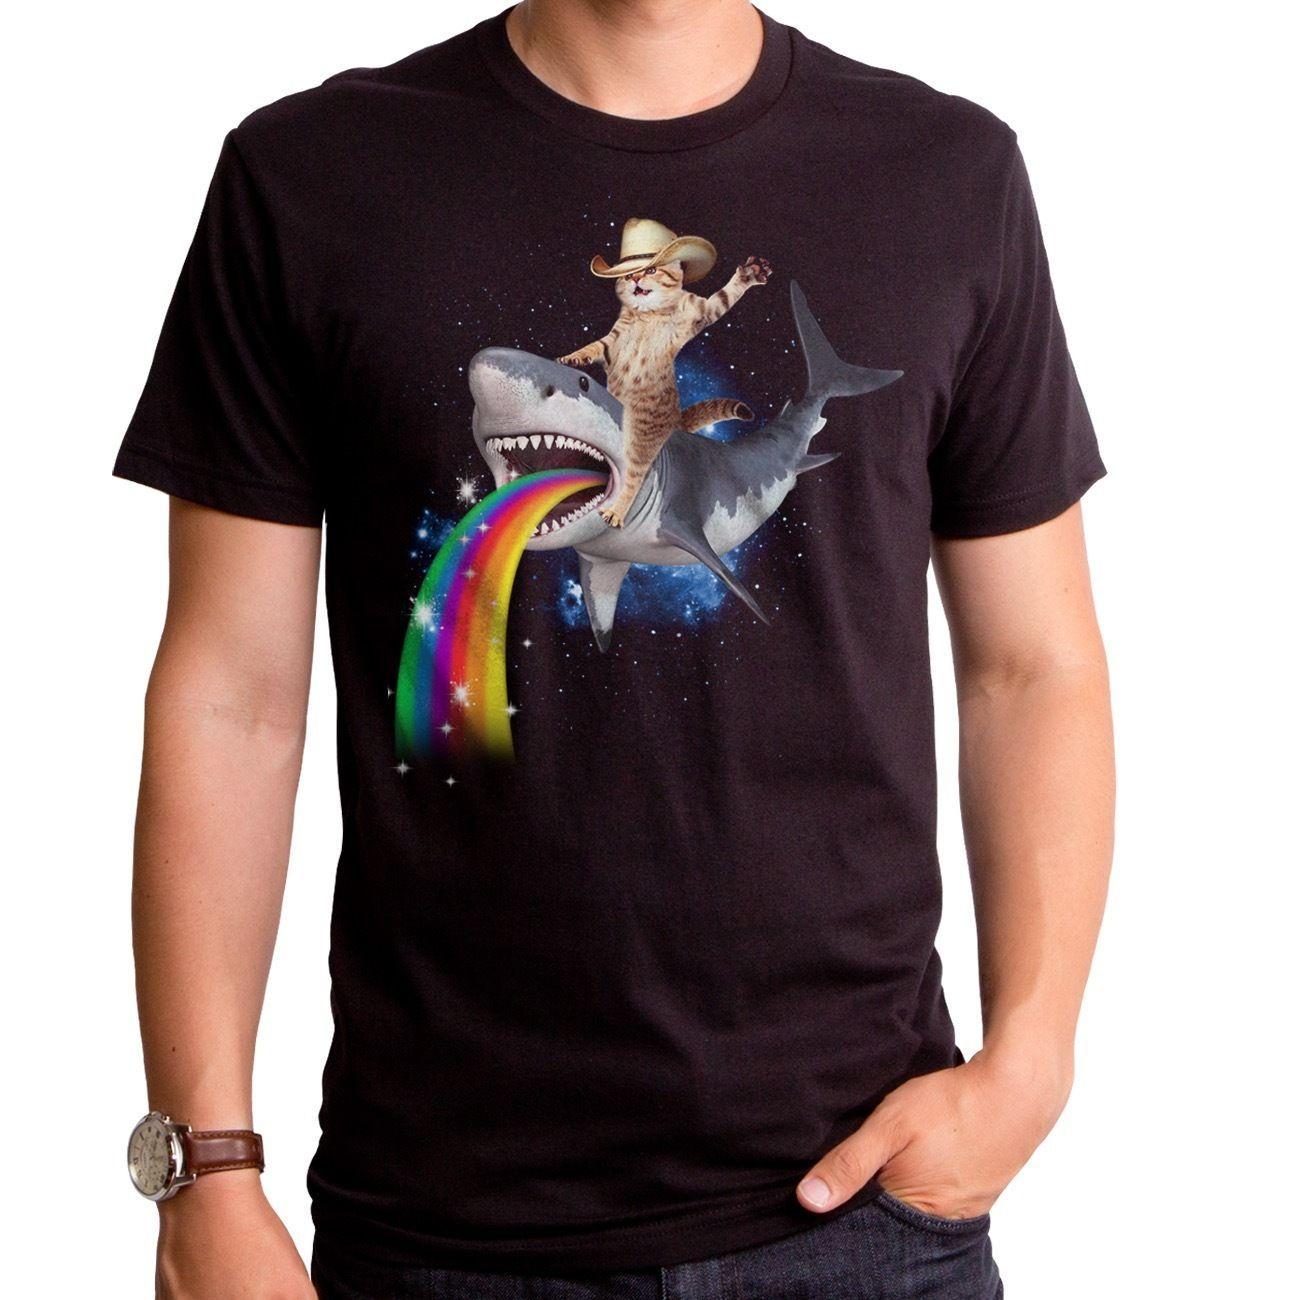 Acquista T Shirt Squalo Sharkaroo Con Cappello Da Cowboy In Sella Alla  Maglietta Shark Rainbow Adult S 2XL A  10.5 Dal Characterzone  211475cc6488